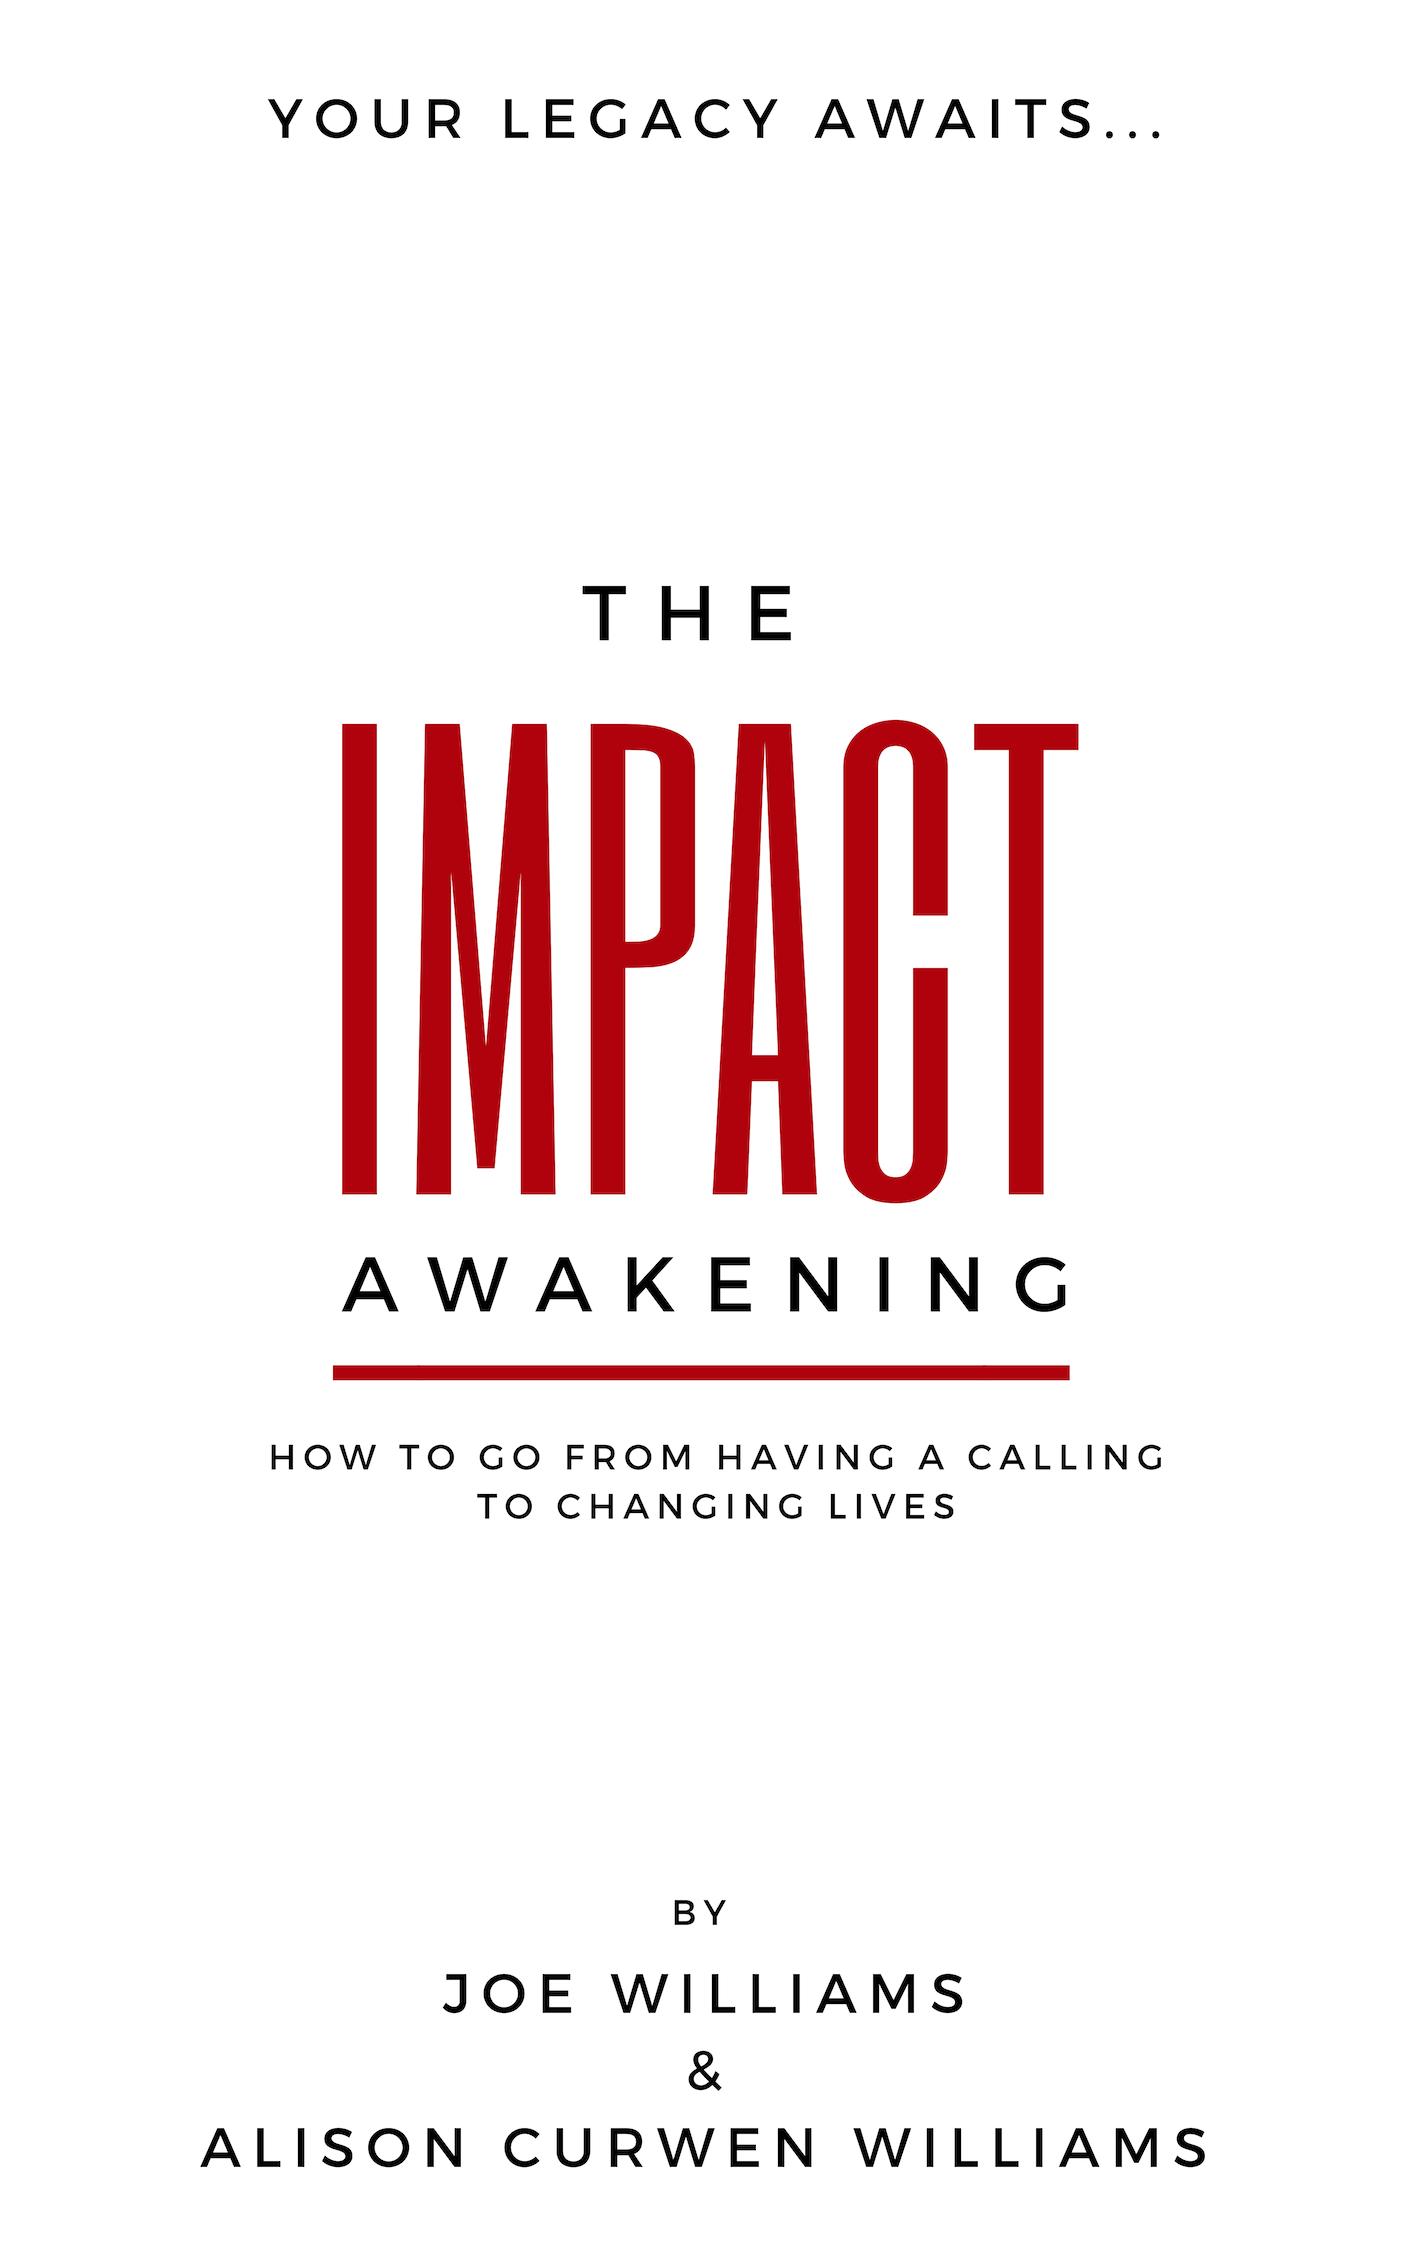 ImpactAwakening.png